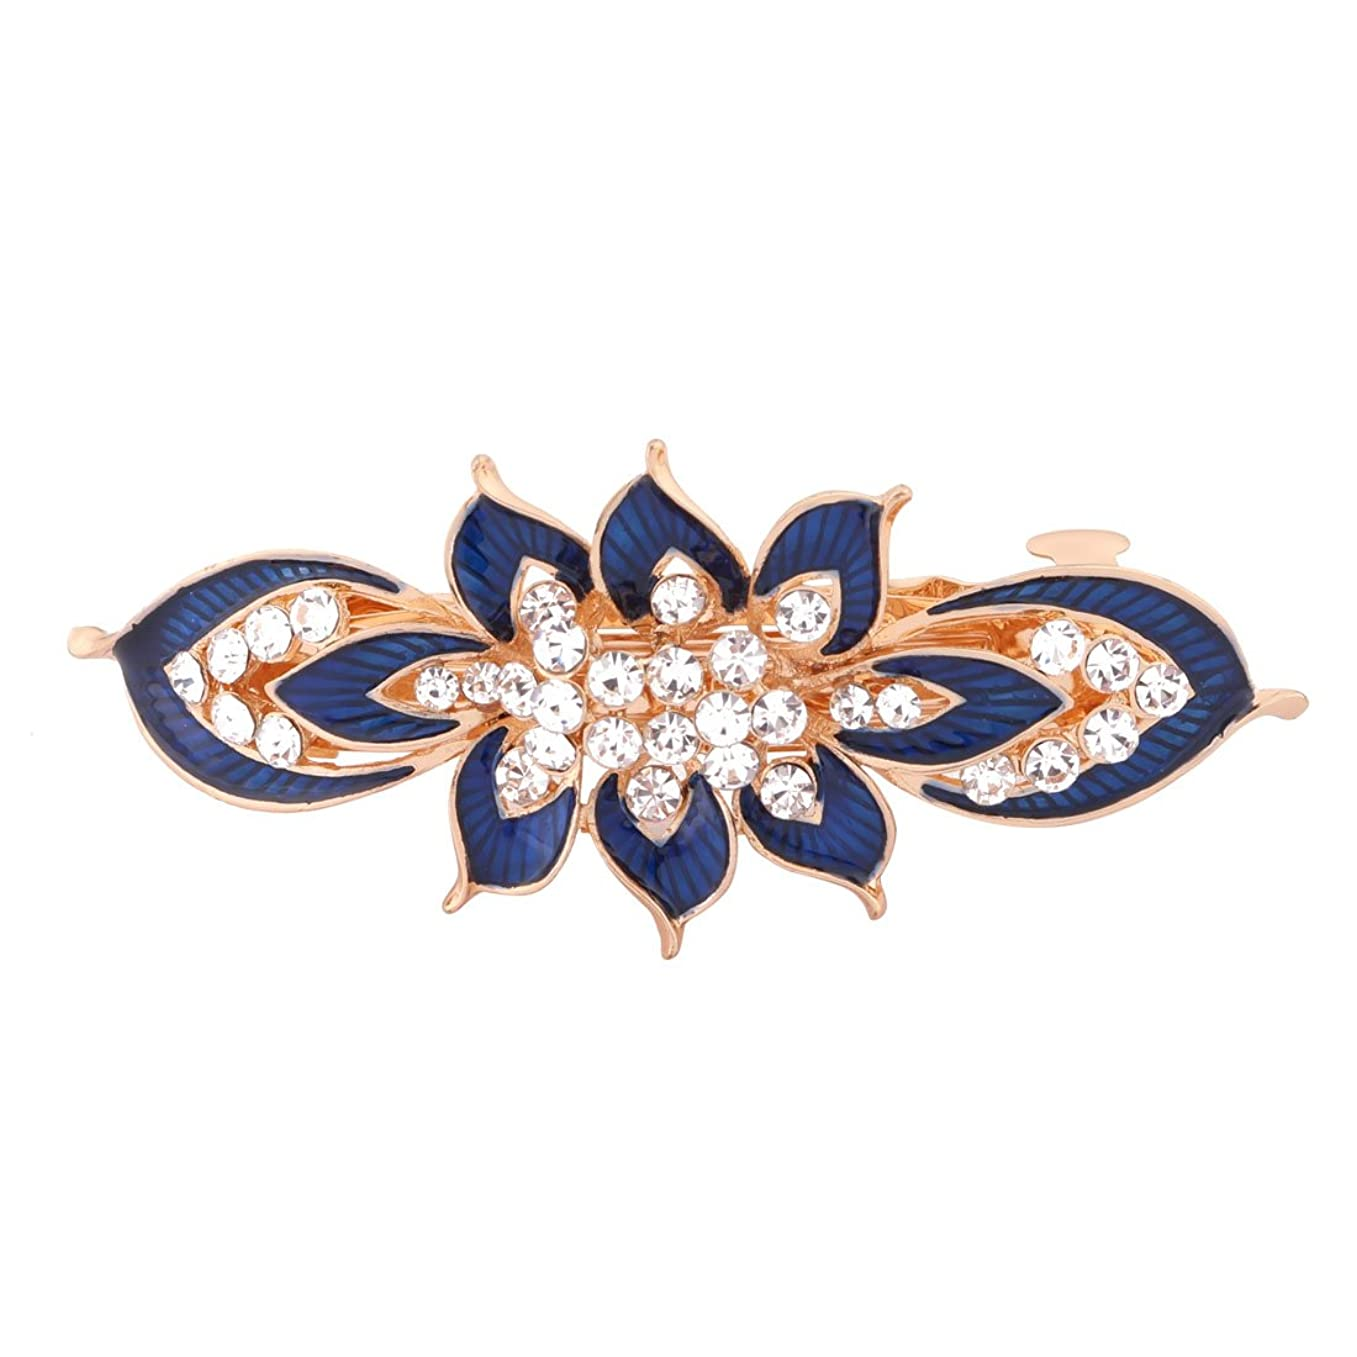 機関車オアシス表面uxcell  ヘアクリップ メタル製 ブルー フレンチクラスプ レトロスタイルヘアピン